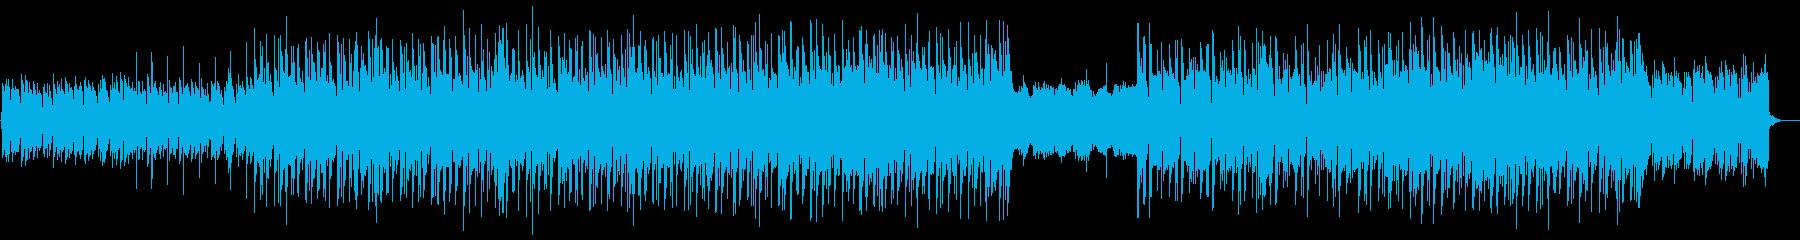 ギター・都会・切ない・哀愁・オルガンの再生済みの波形